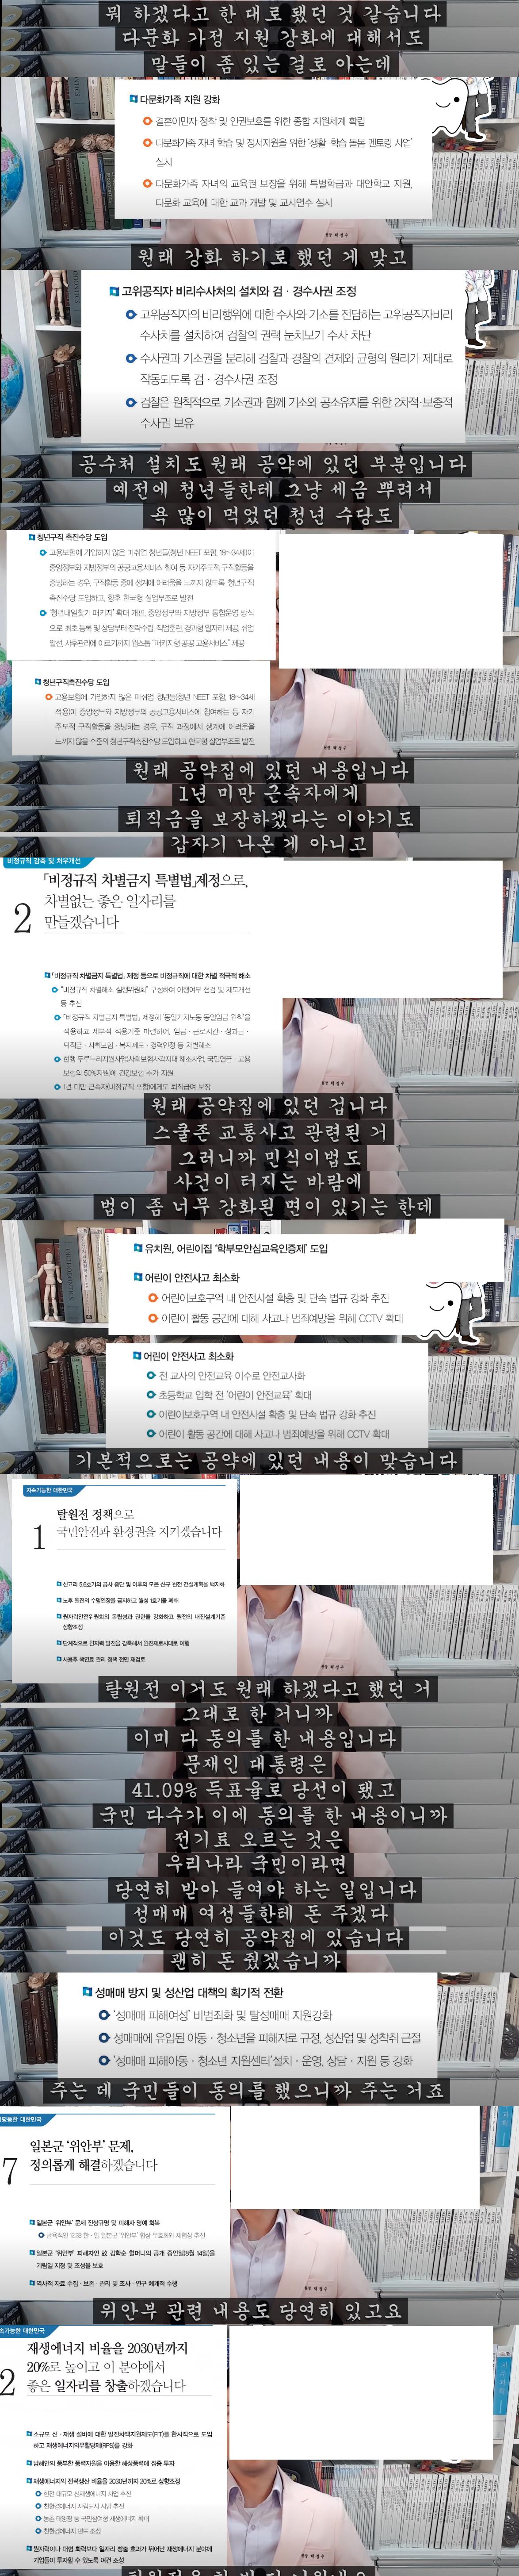 2.png 역대 대한민국 공약 이행률 100% 근접하는 정부